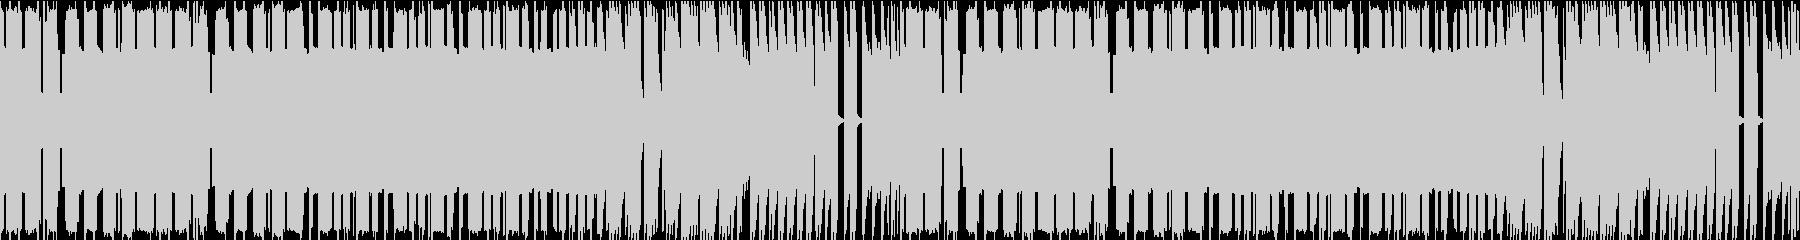 FC風ループ 伝説を辿っての未再生の波形